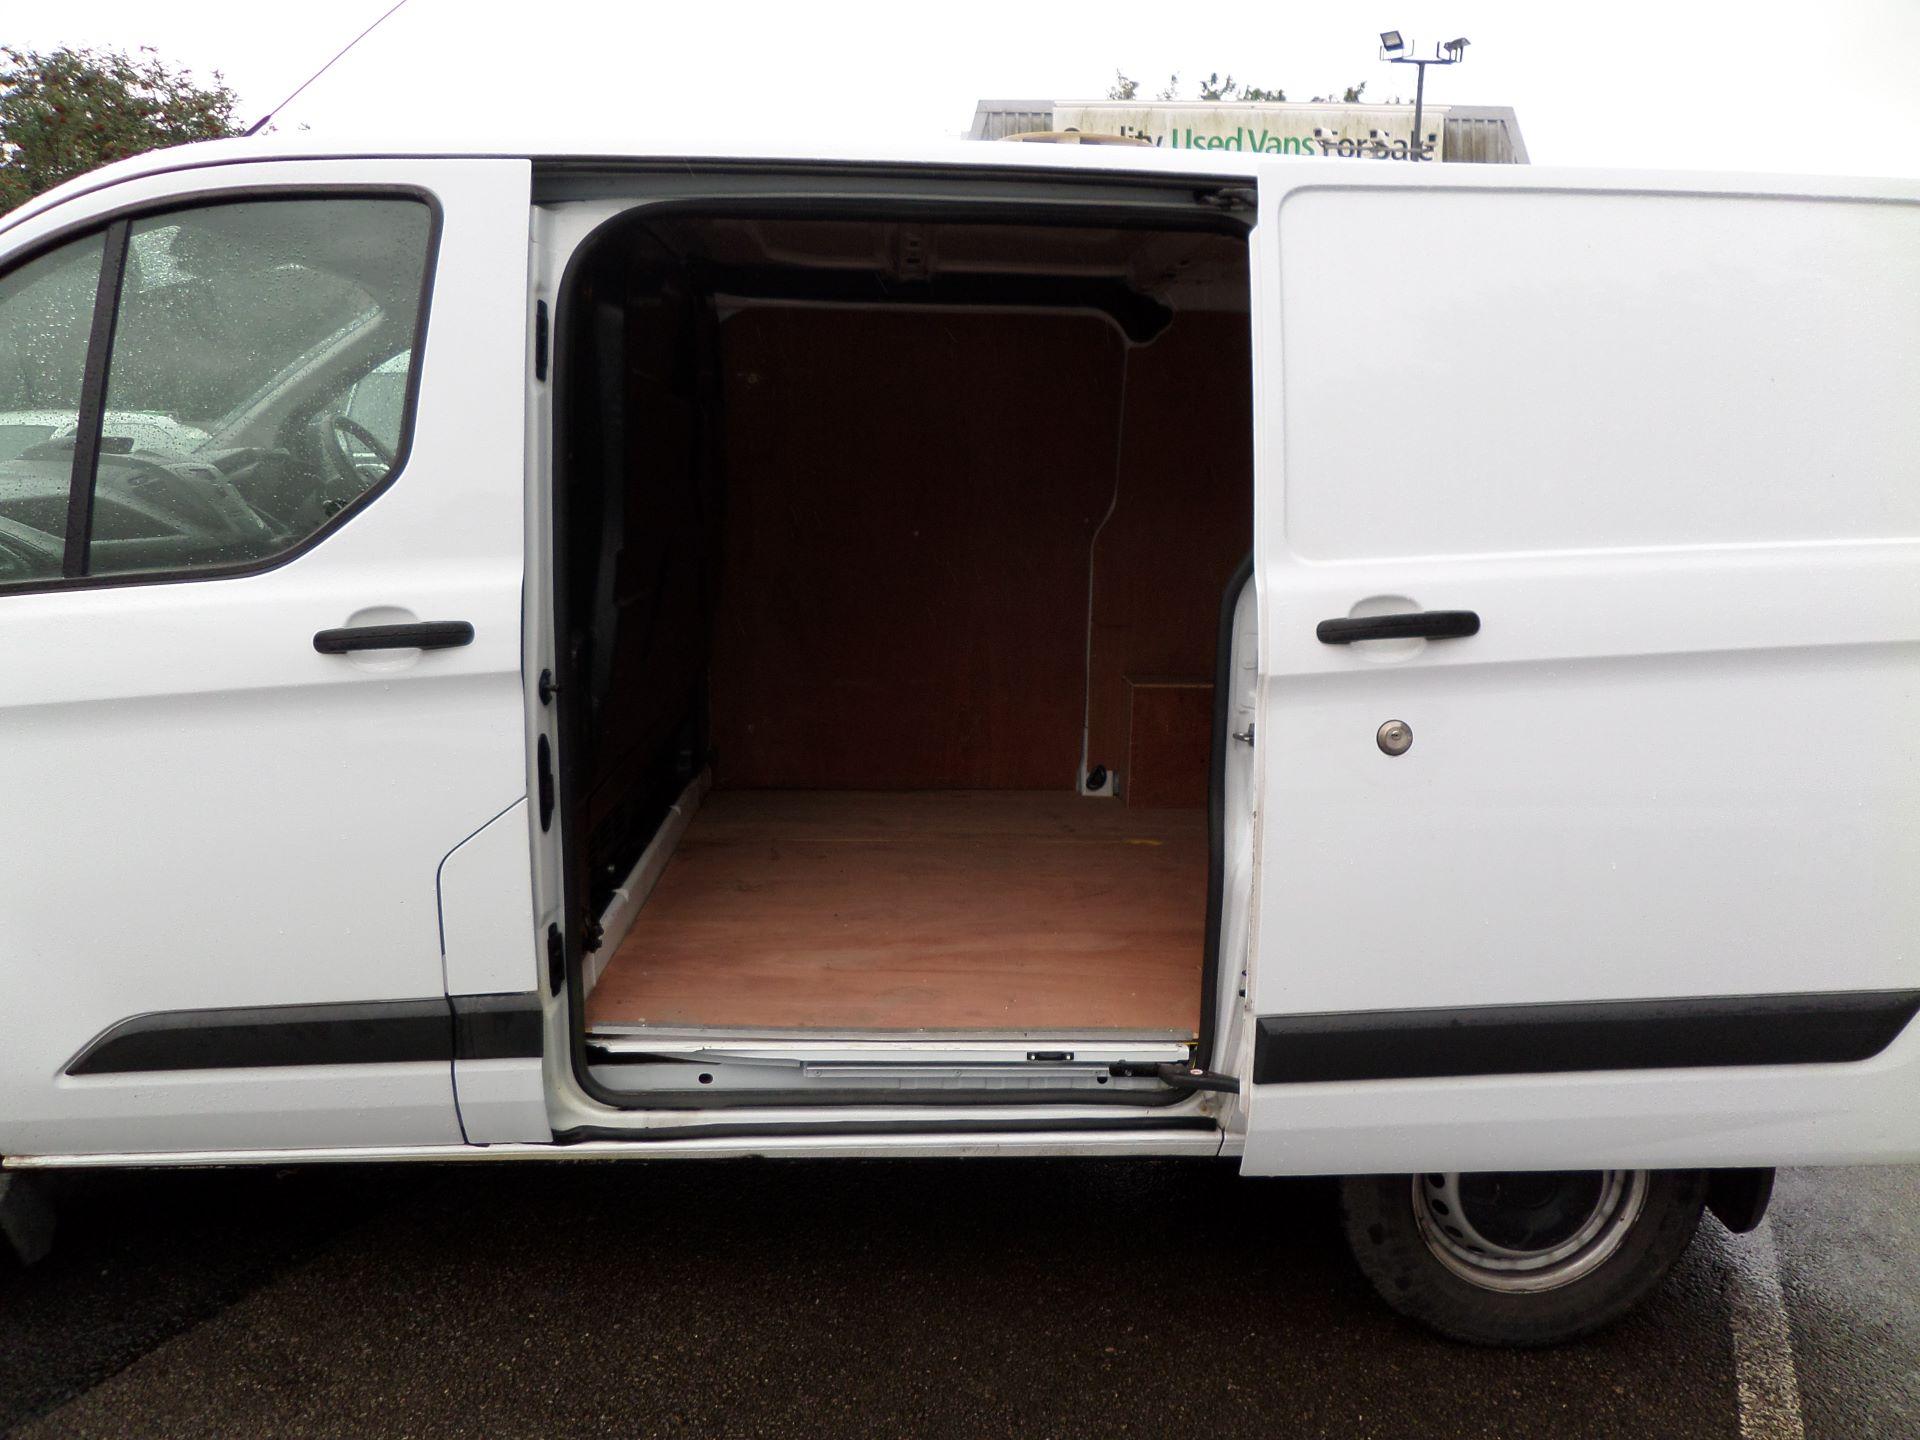 2014 Ford Transit Custom 290 L1 DIESEL FWD 2.2  TDCI 100PS LOW ROOF VAN EURO 5 (NK64YHN) Image 15